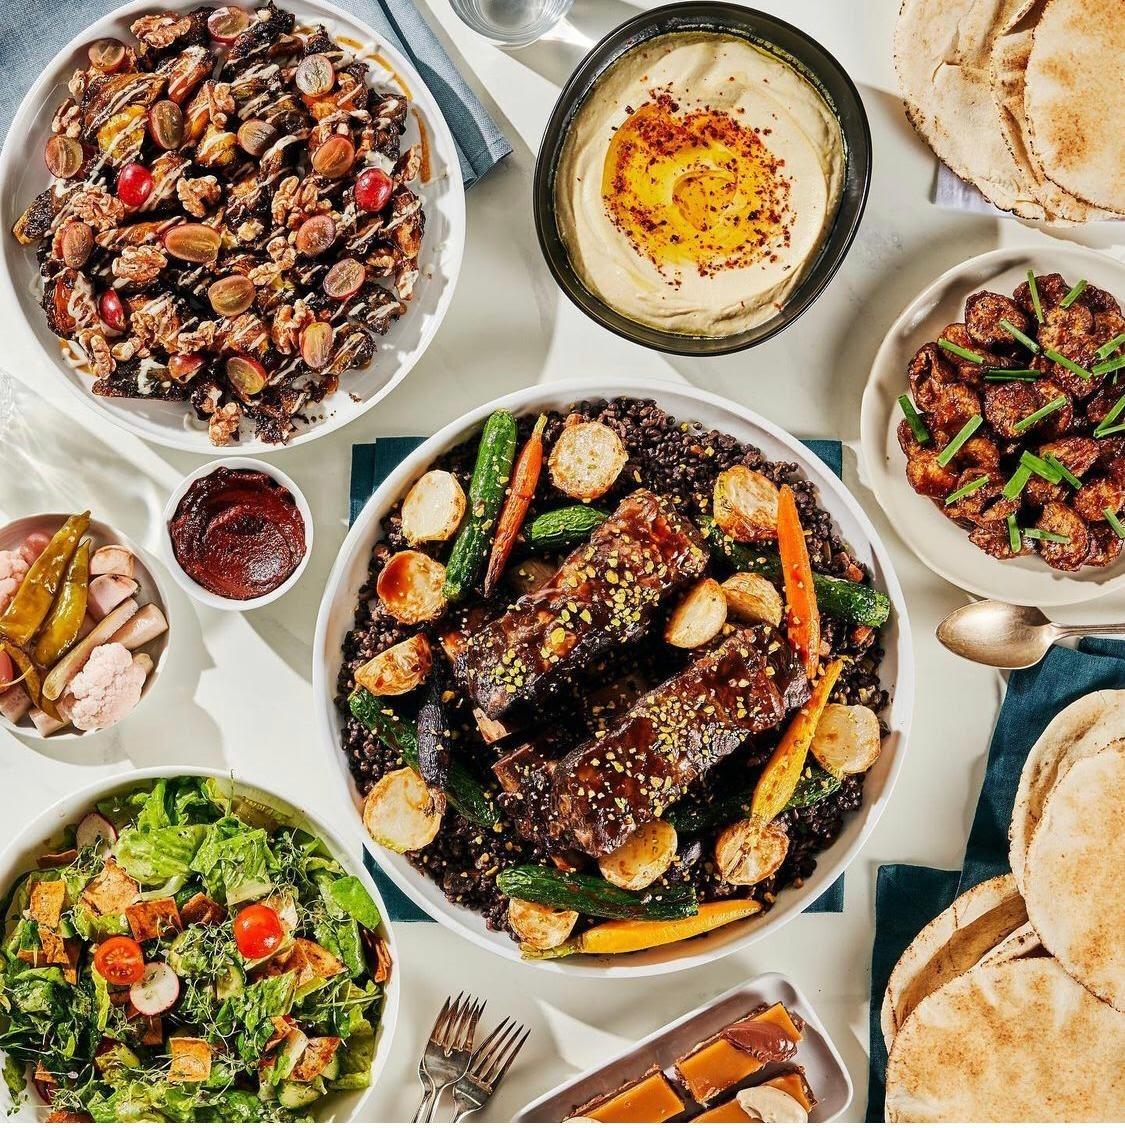 قائمة أفضل مطاعم عربية في نيويورك